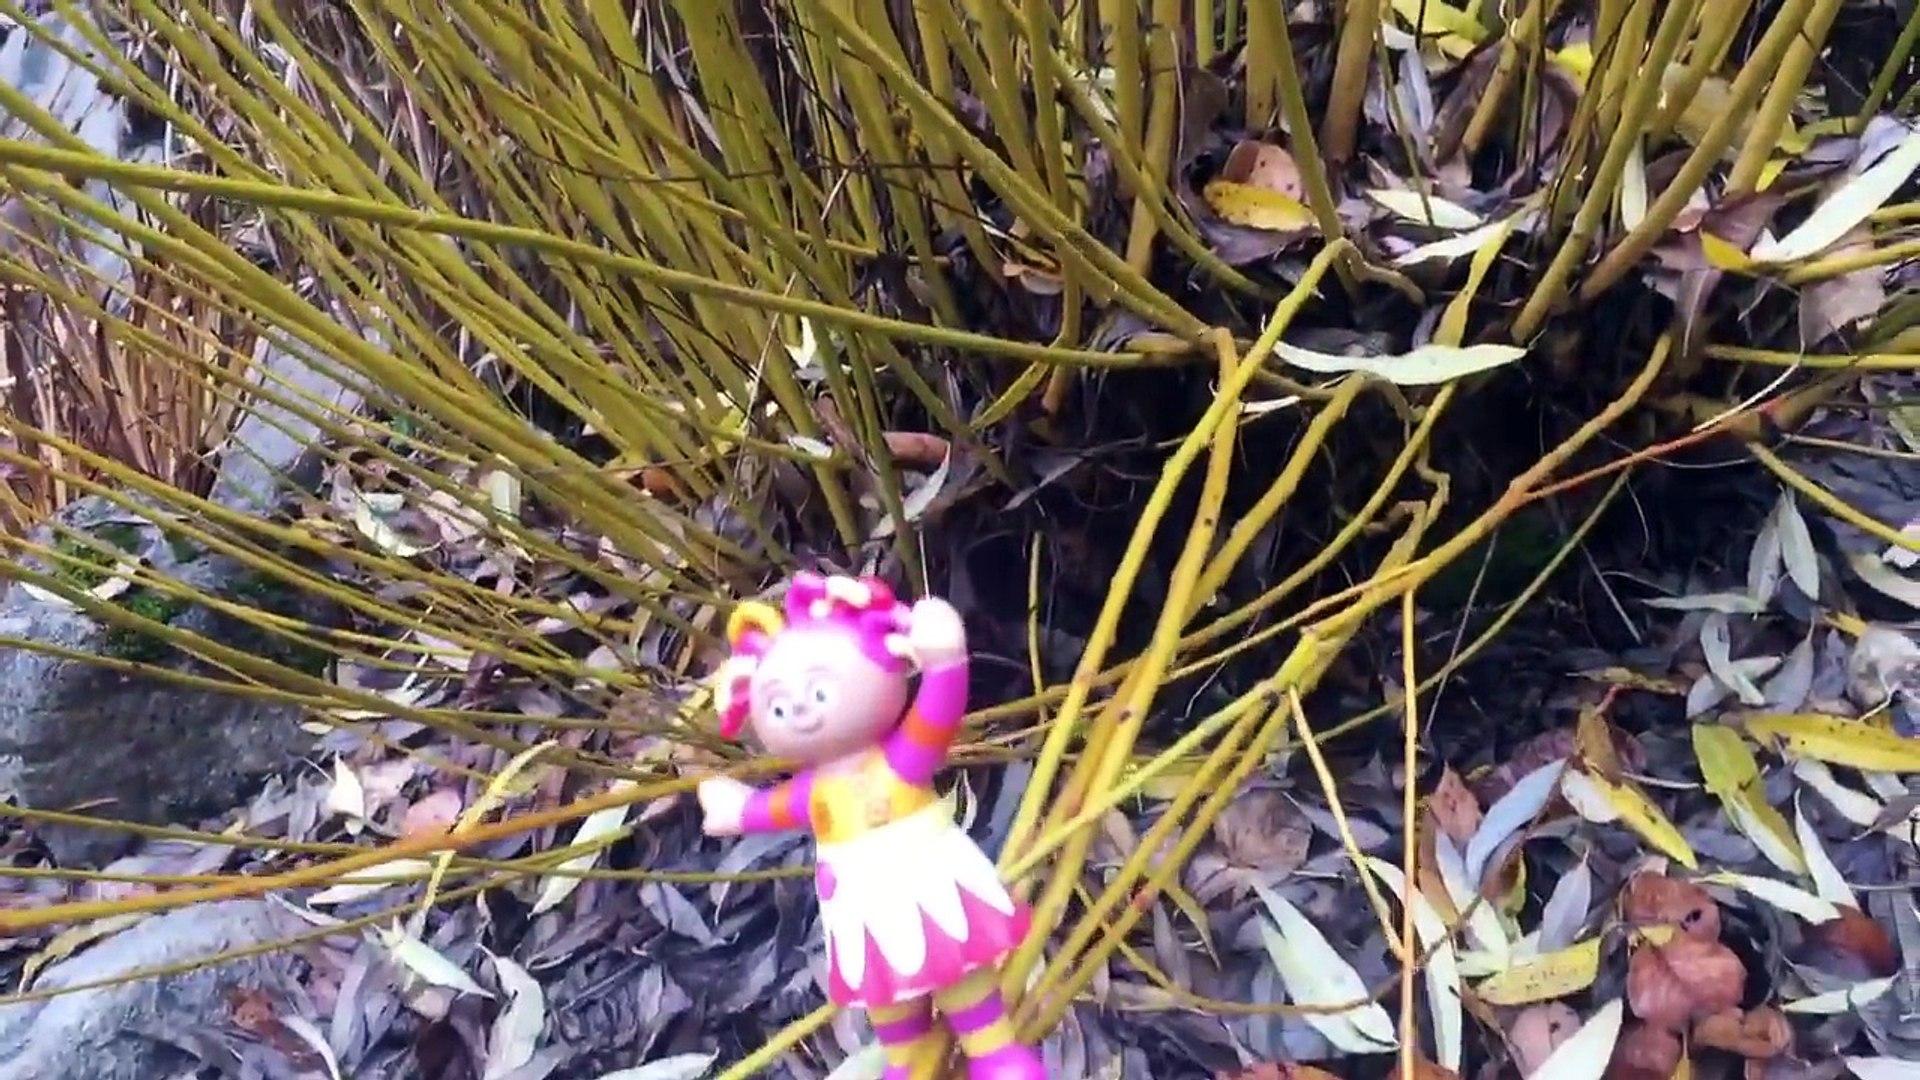 IN THE NIGHT GARDEN Toys Visit Japanese Garden!-hw7s2FOrMvU